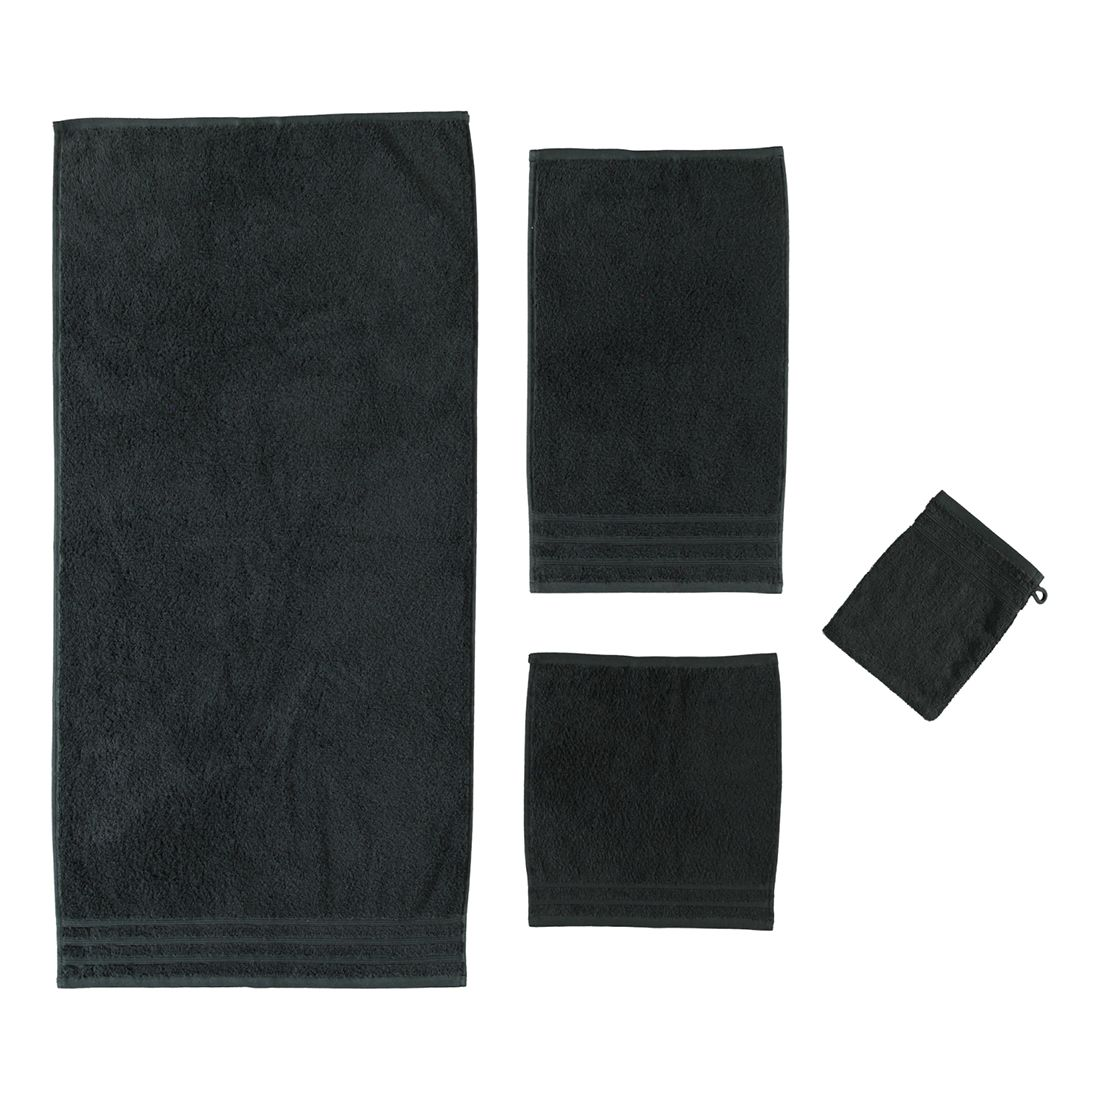 Handtuch Royal - 100% Baumwolle Schwarz - 926 - Duschtuch: 70 x 140 cm, Kleine Wolke